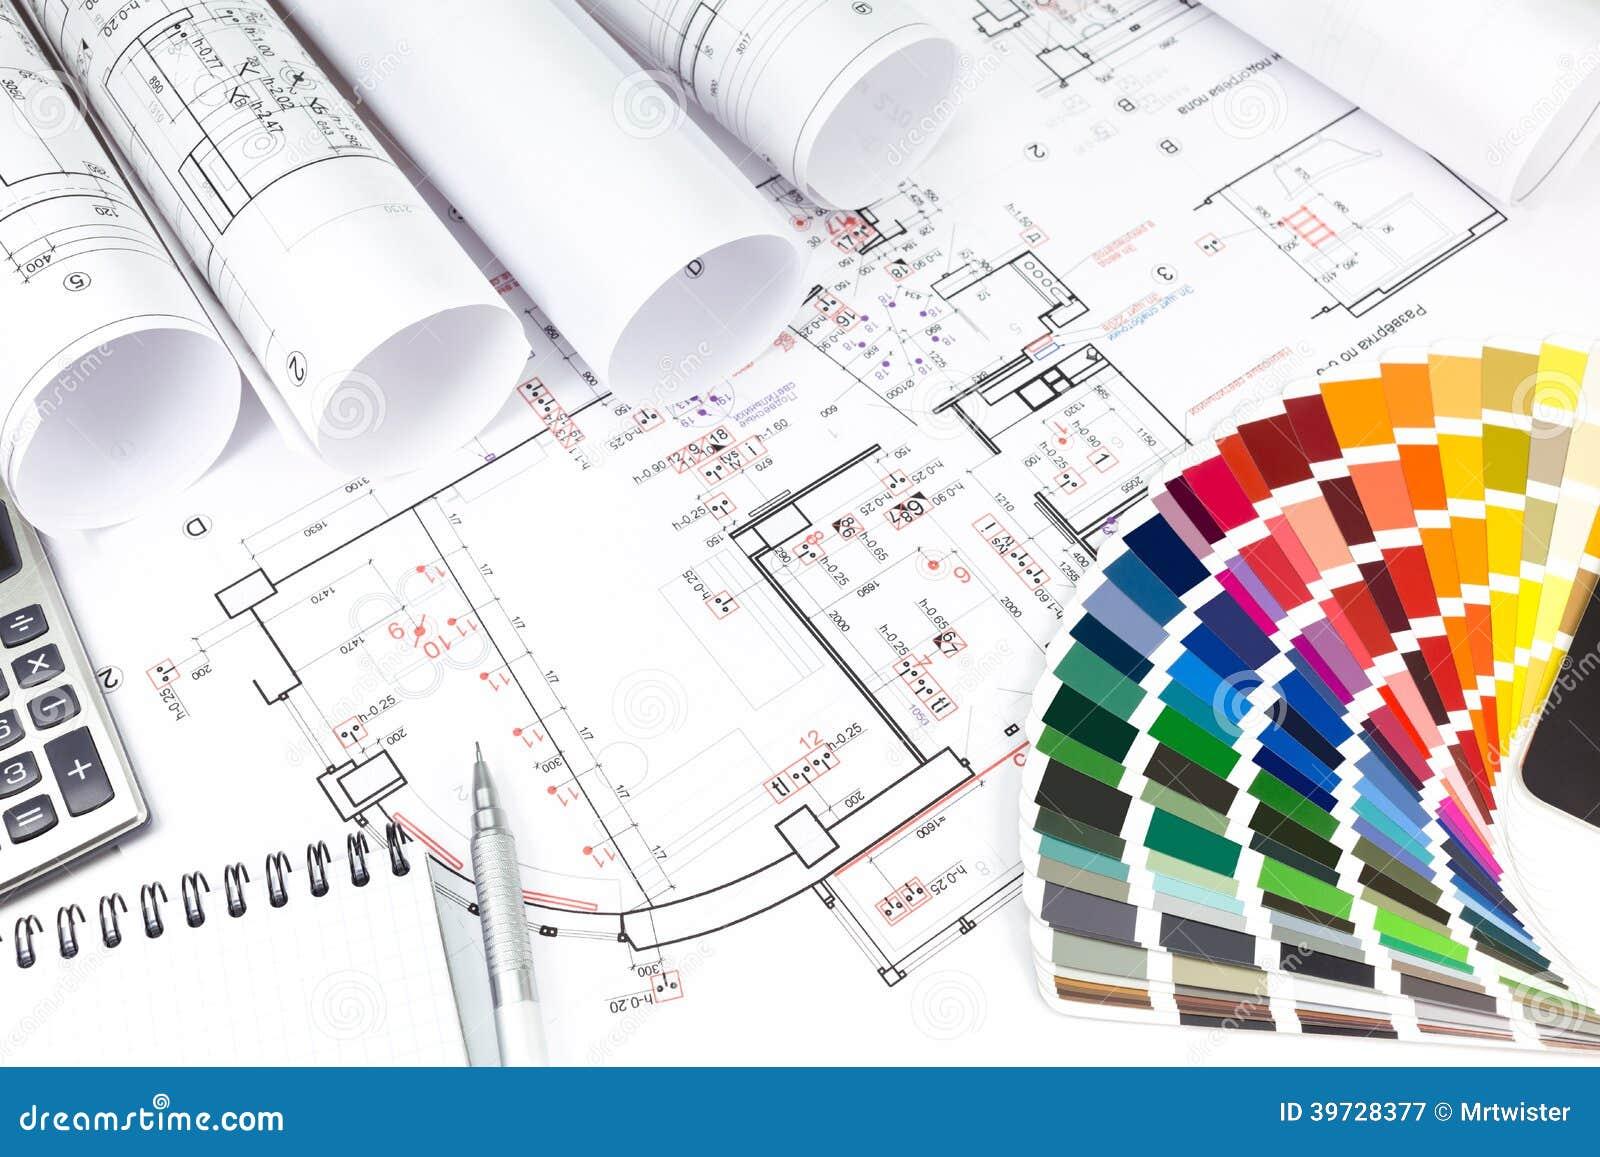 planung der innenarchitektur stockfoto - bild: 39728377, Innenarchitektur ideen